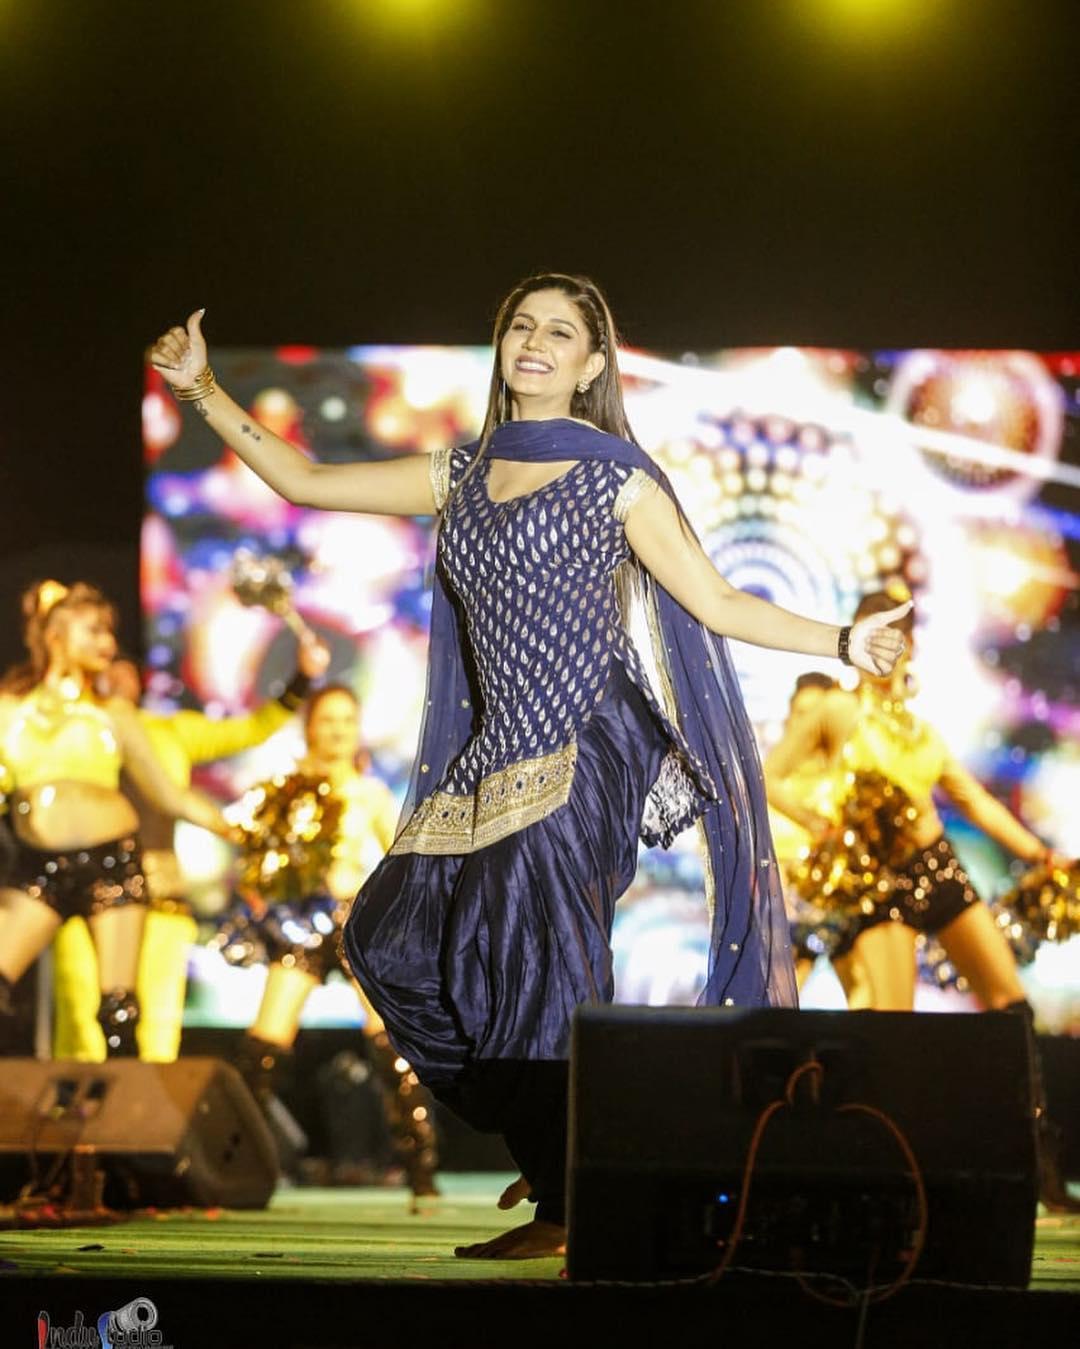 PunjabKesari, sapna choudhary life